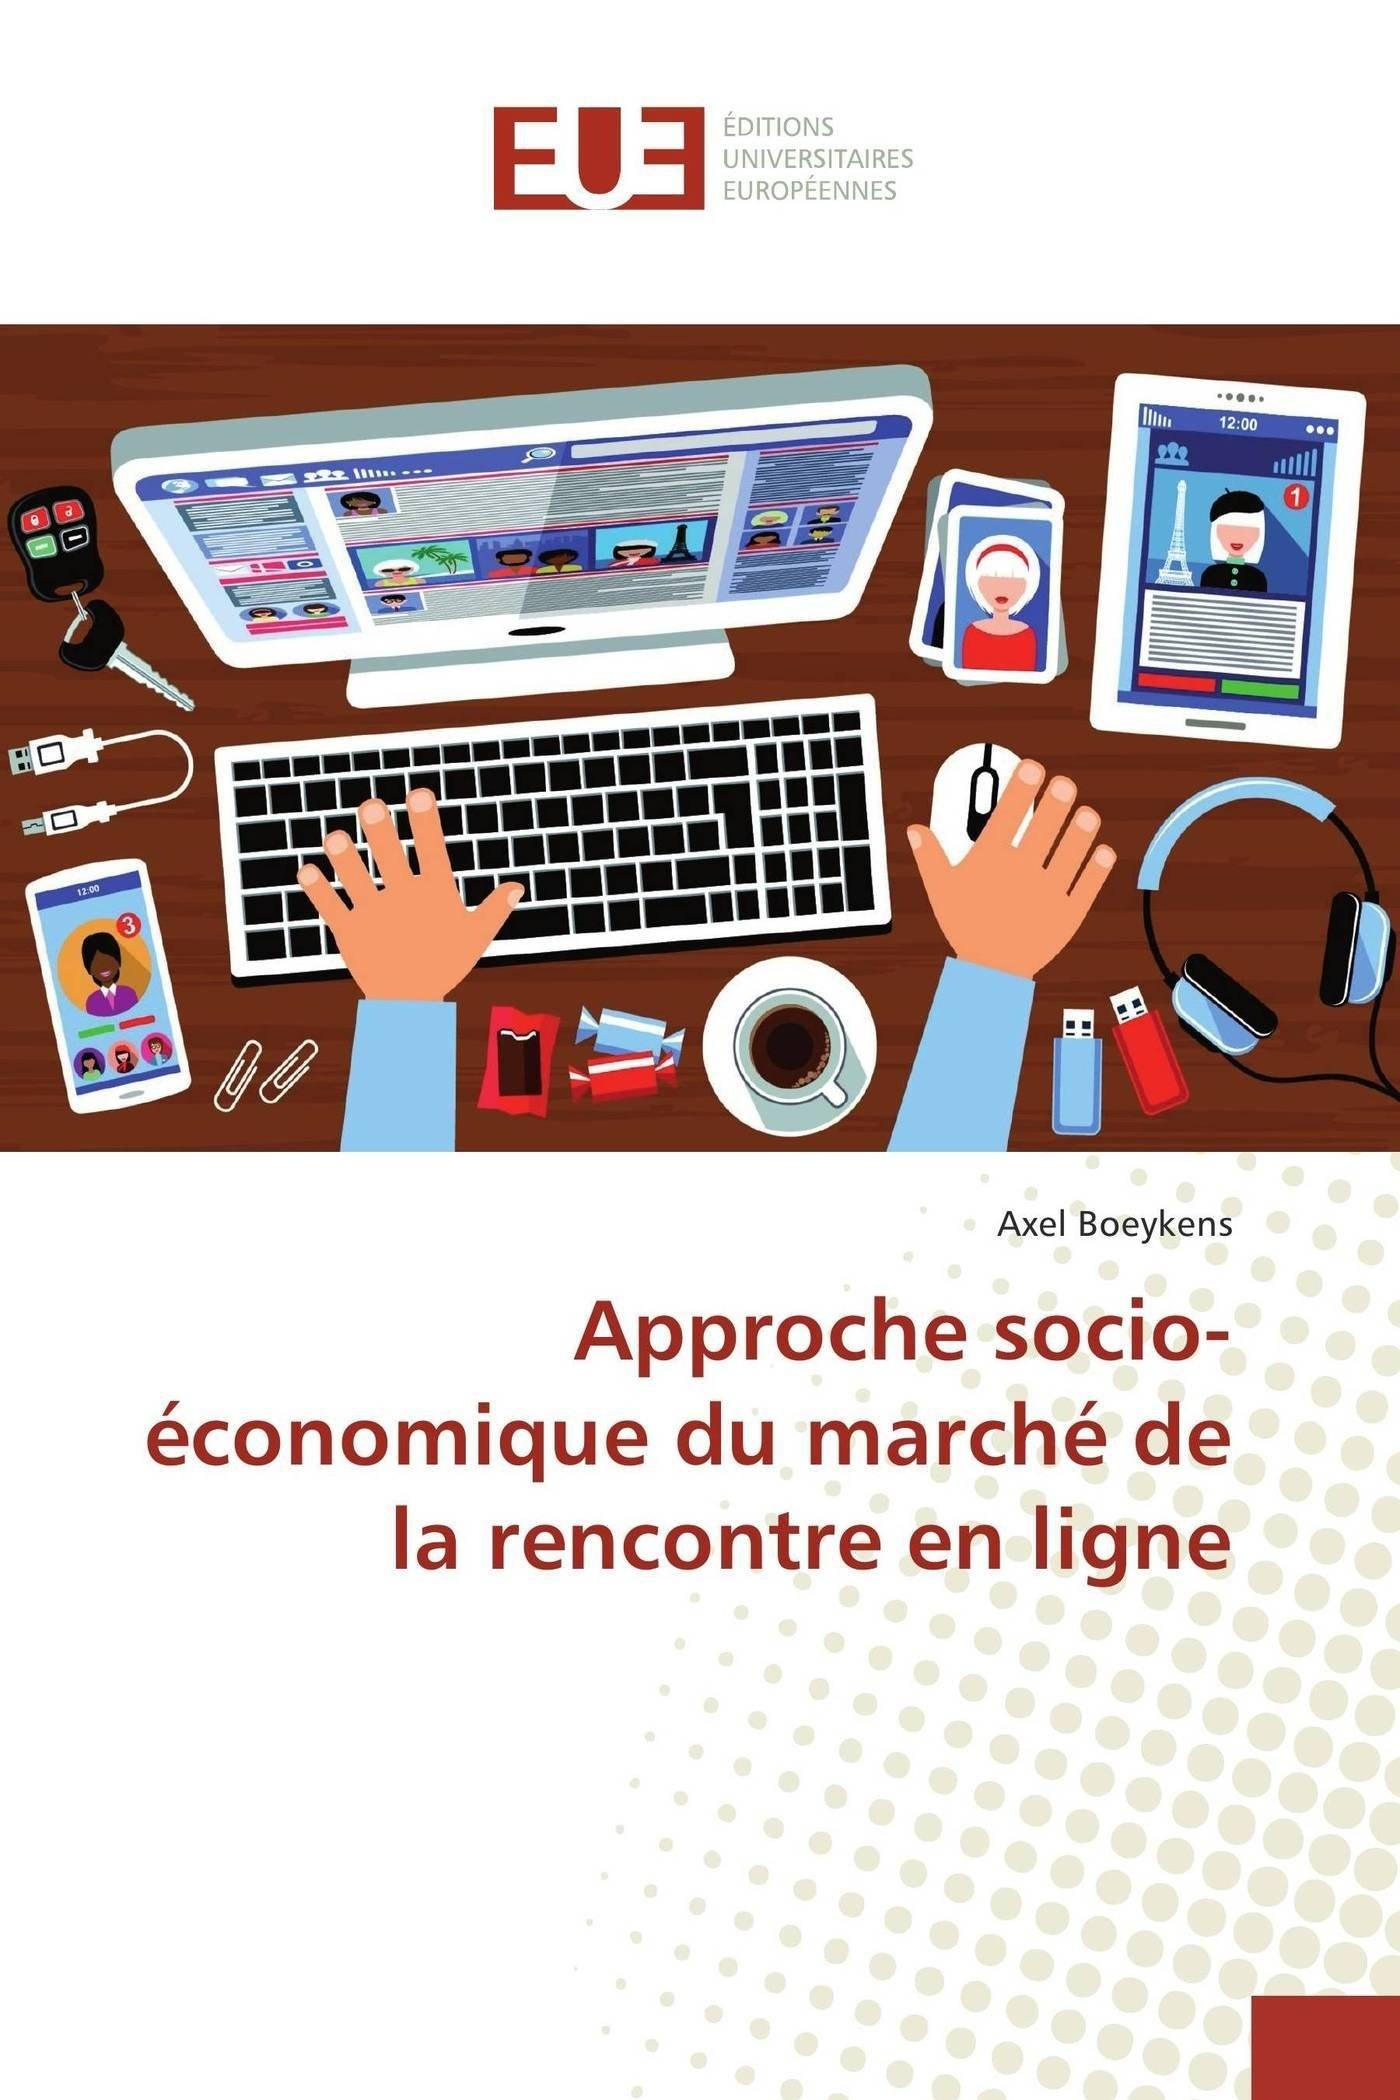 marché de la rencontre en ligne